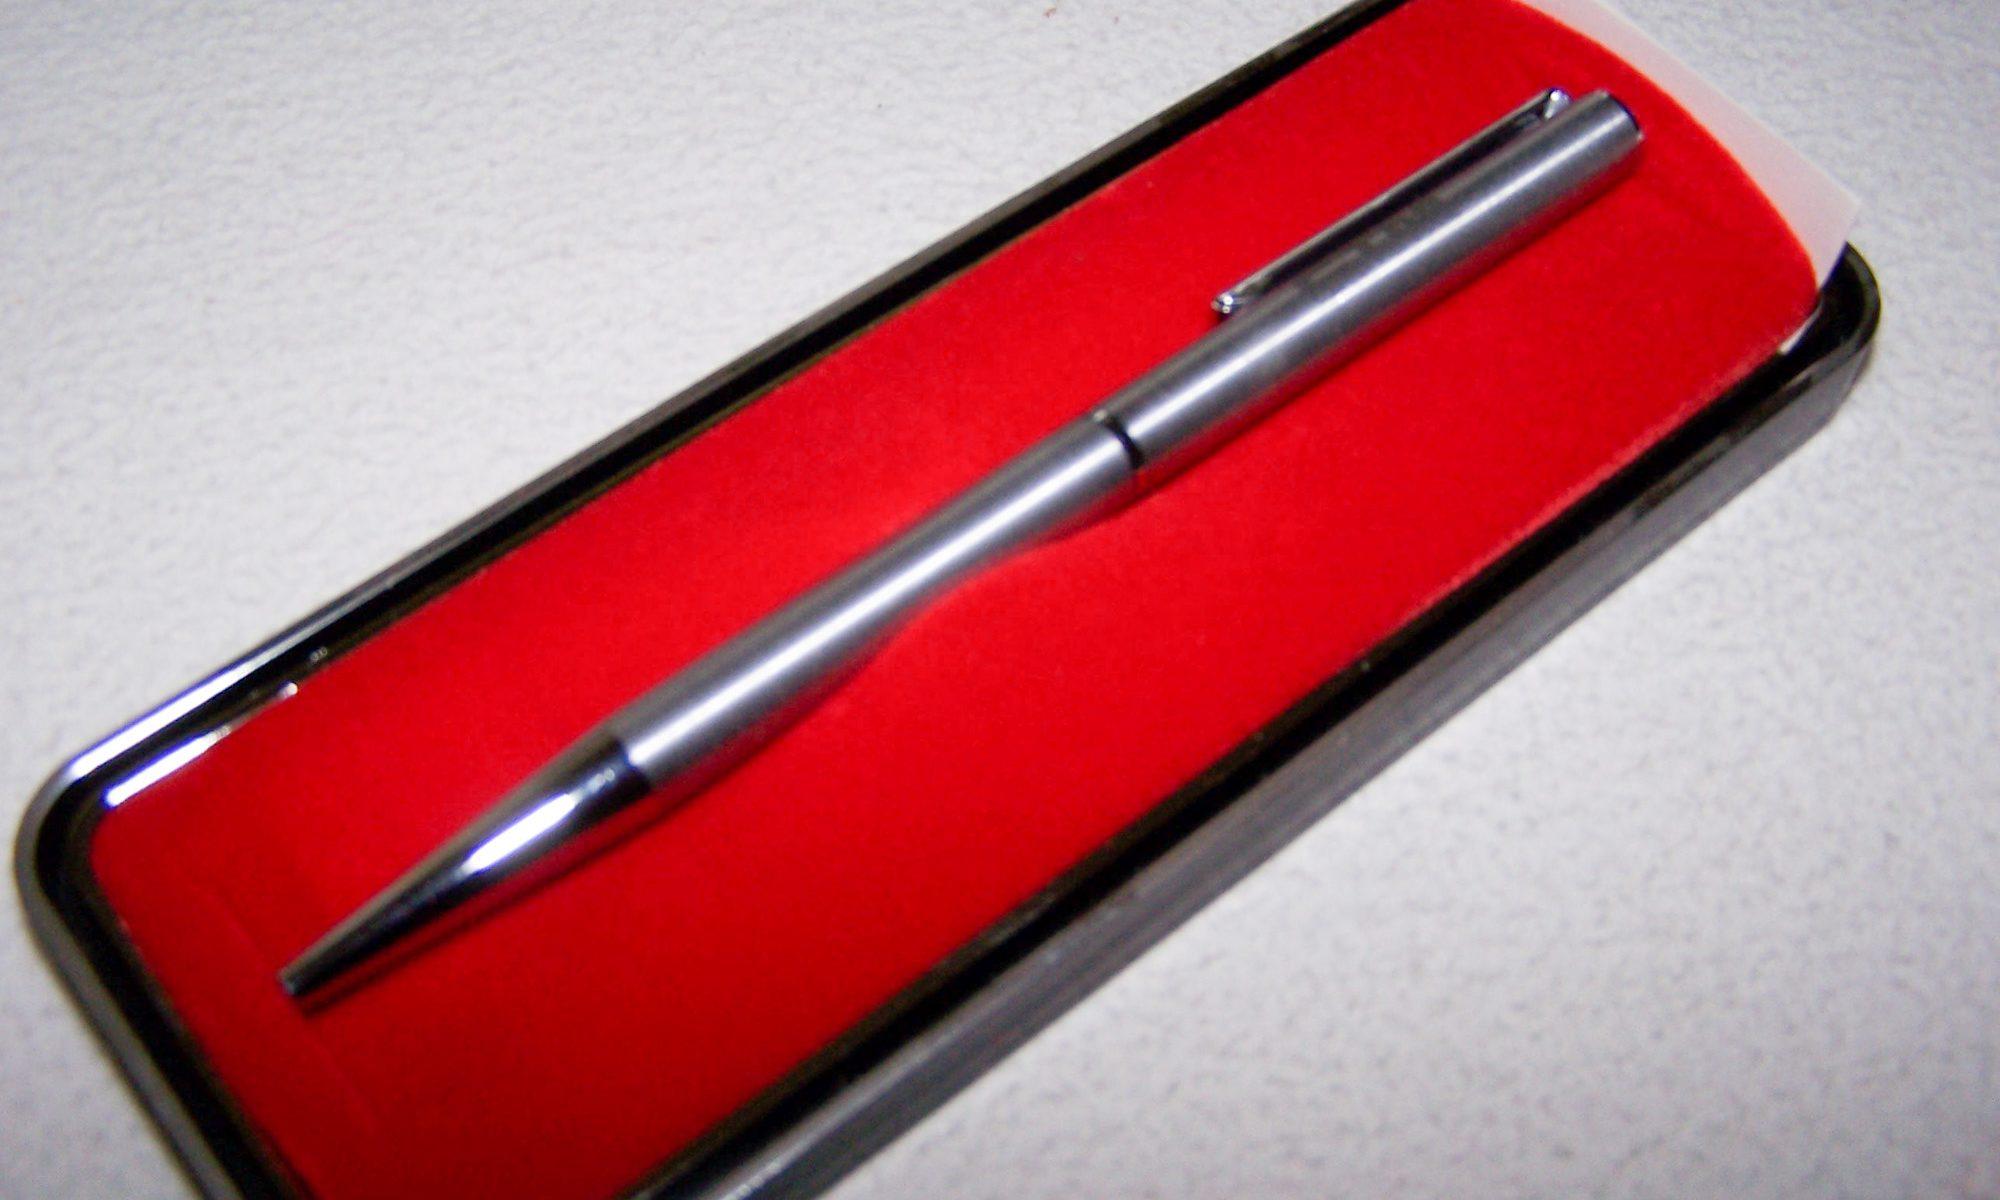 Büro - Bürowerkzeuge - Schreibwerkzeuge - Stempelkugelschreiber im Etui